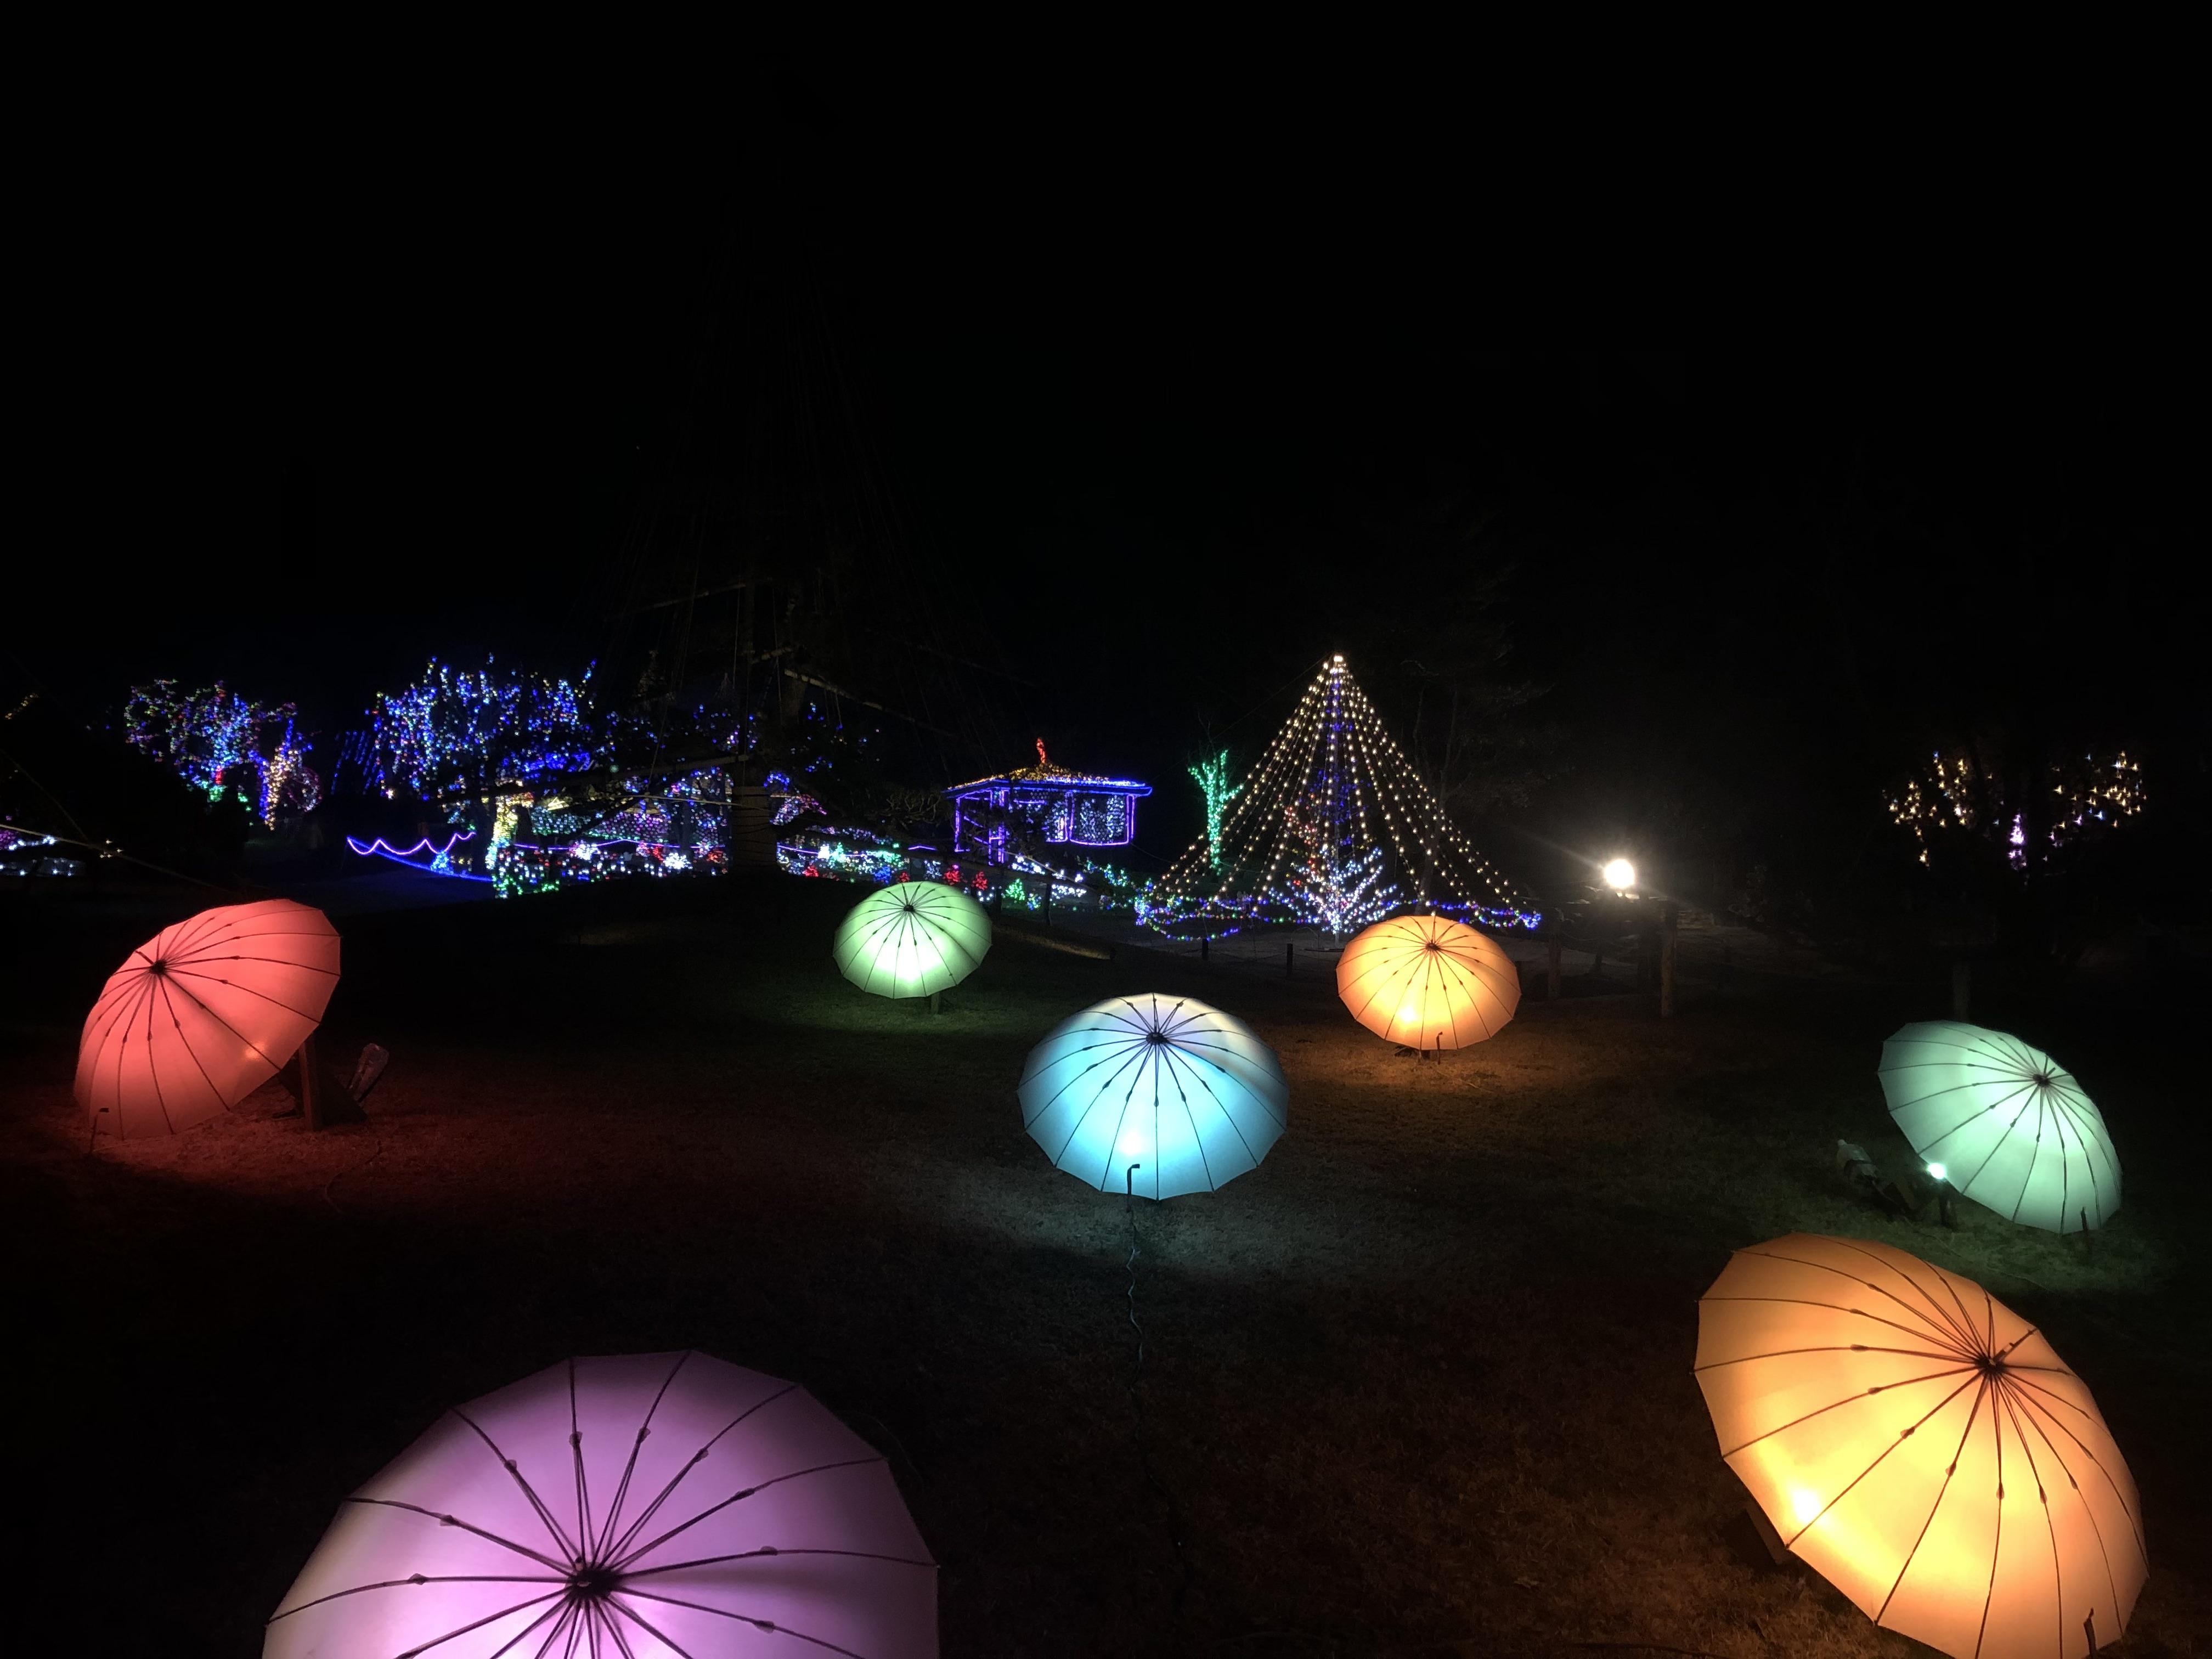 FANTASEUM - Yamanakako art illumination festival - 3776D 1